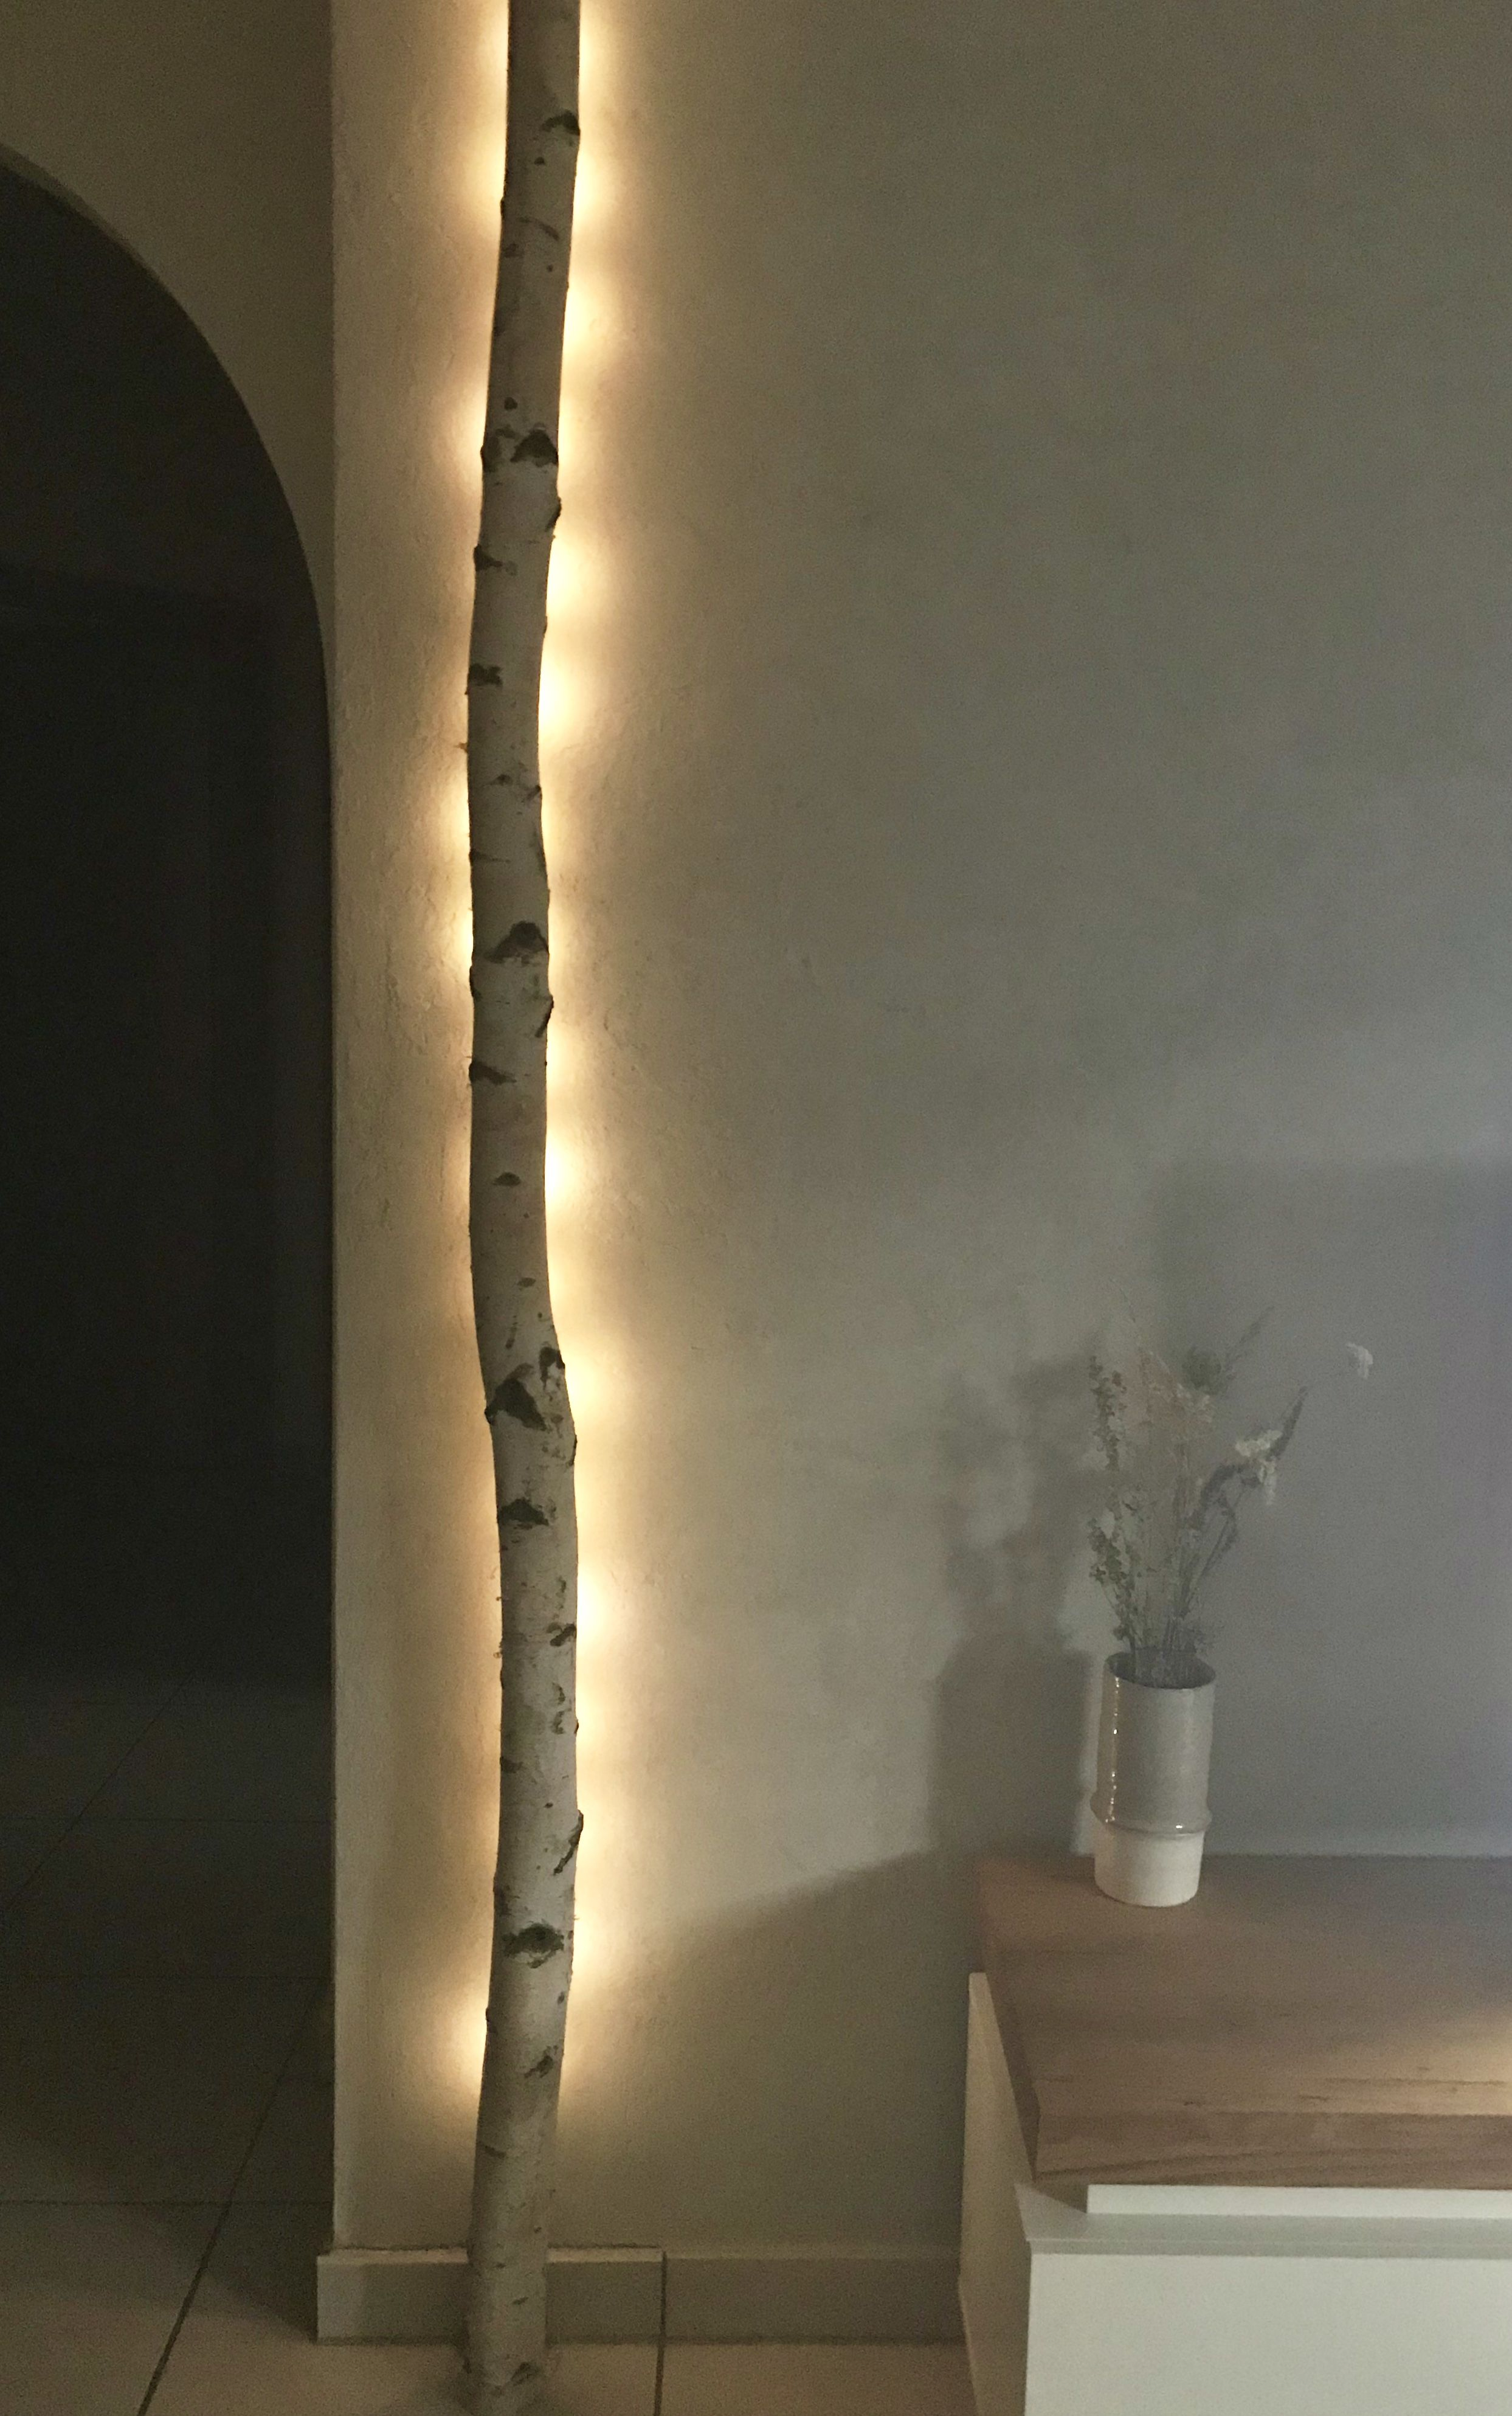 Romantische Hintergrundbeleuchtung Mit Einem Weissen Birkenstamm Von Birkendoc Https Birkendoc De Shop Indirektes Licht Birkenstamm Hintergrundbeleuchtung